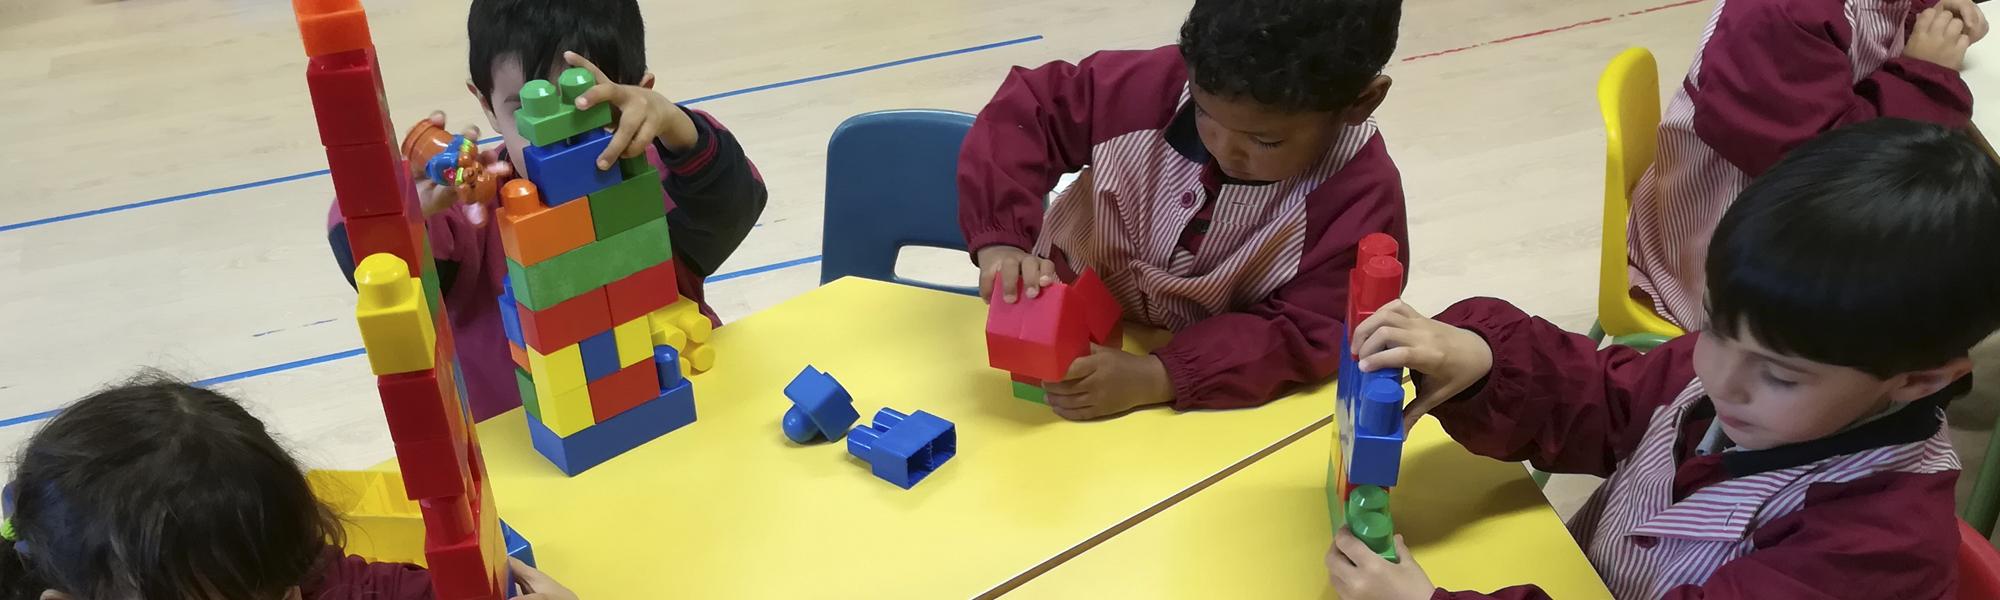 Propuesta Educativa en Educación Infantil